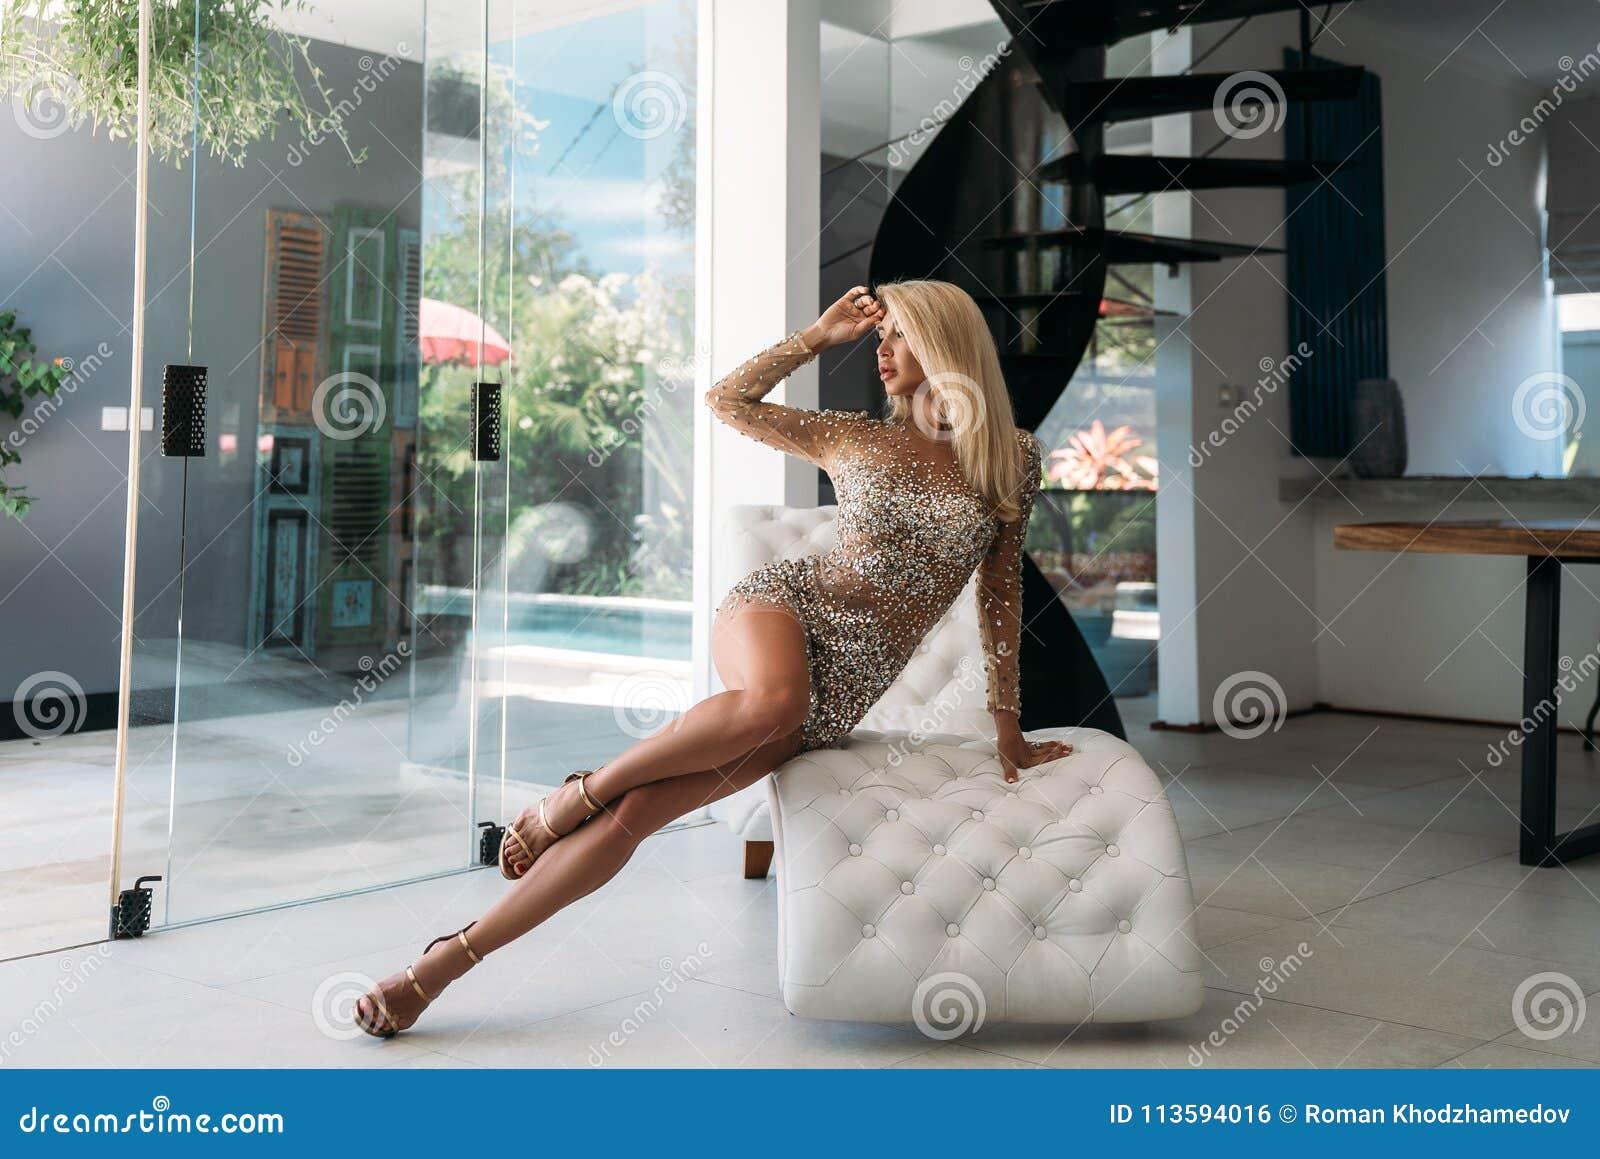 Славная девушка с красивой диаграммой в коротком сияющем платье отдыхает на белой стильной софе в студии Портрет